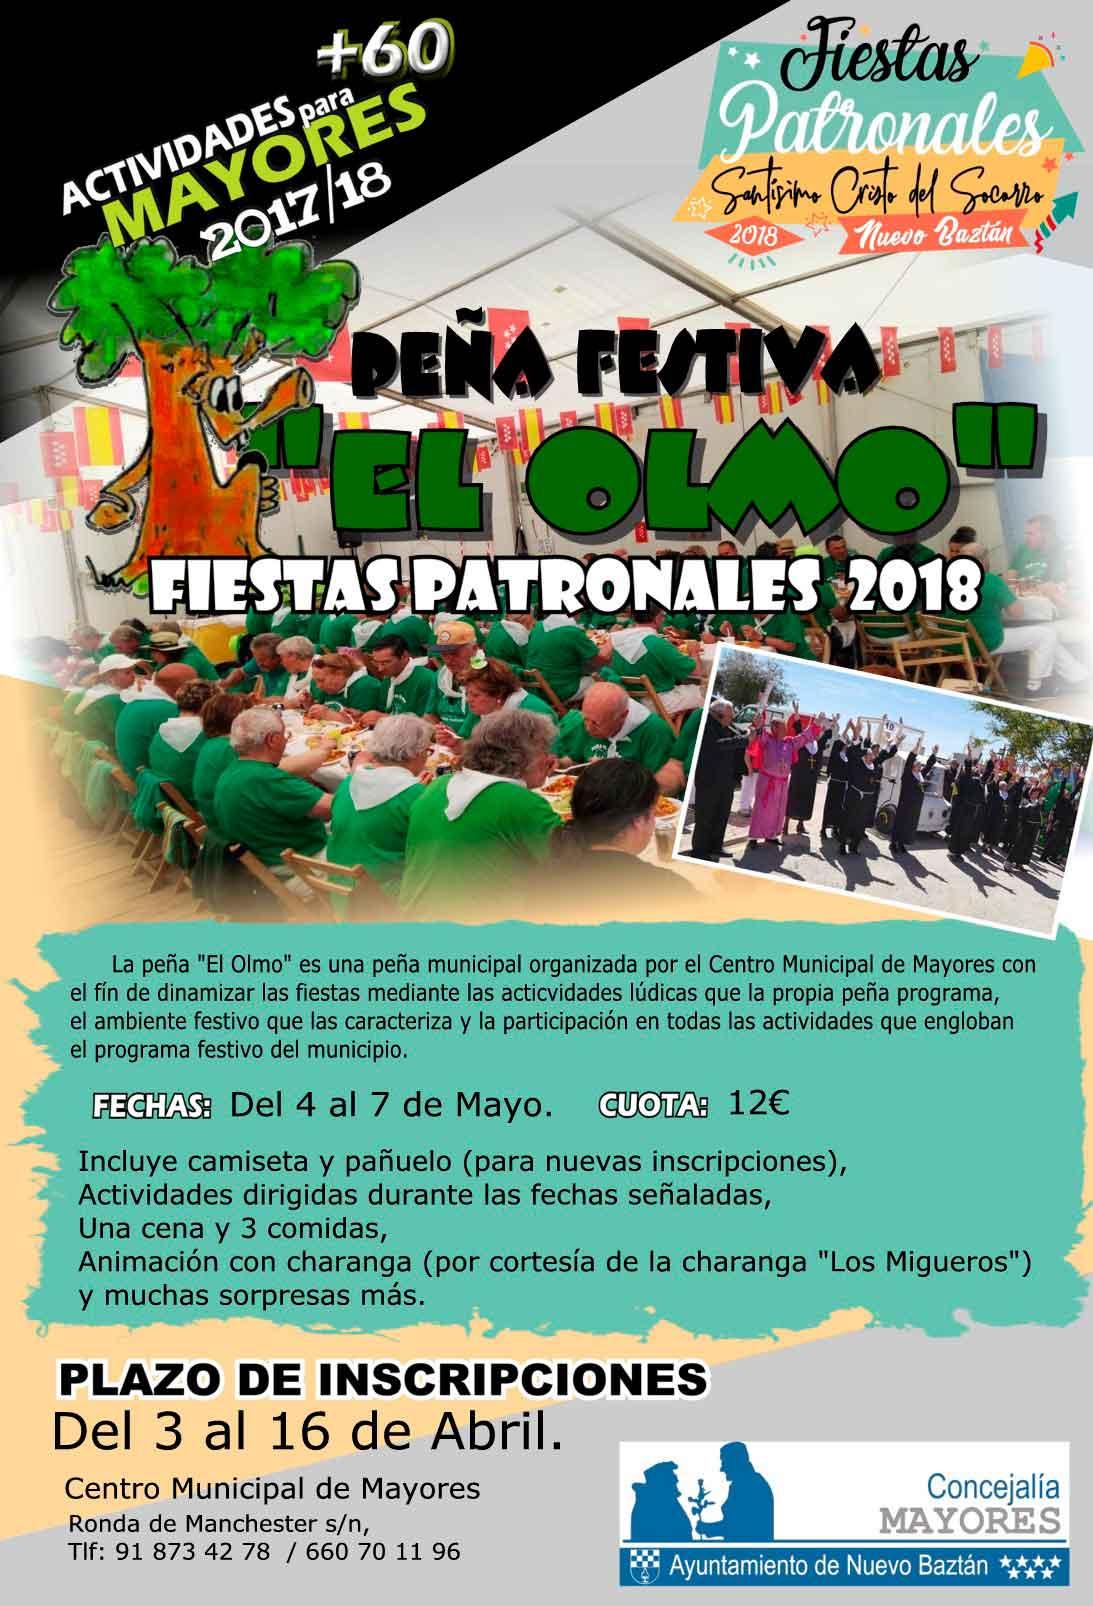 Peña Festiva El Olmo, fiestas patronales 2018